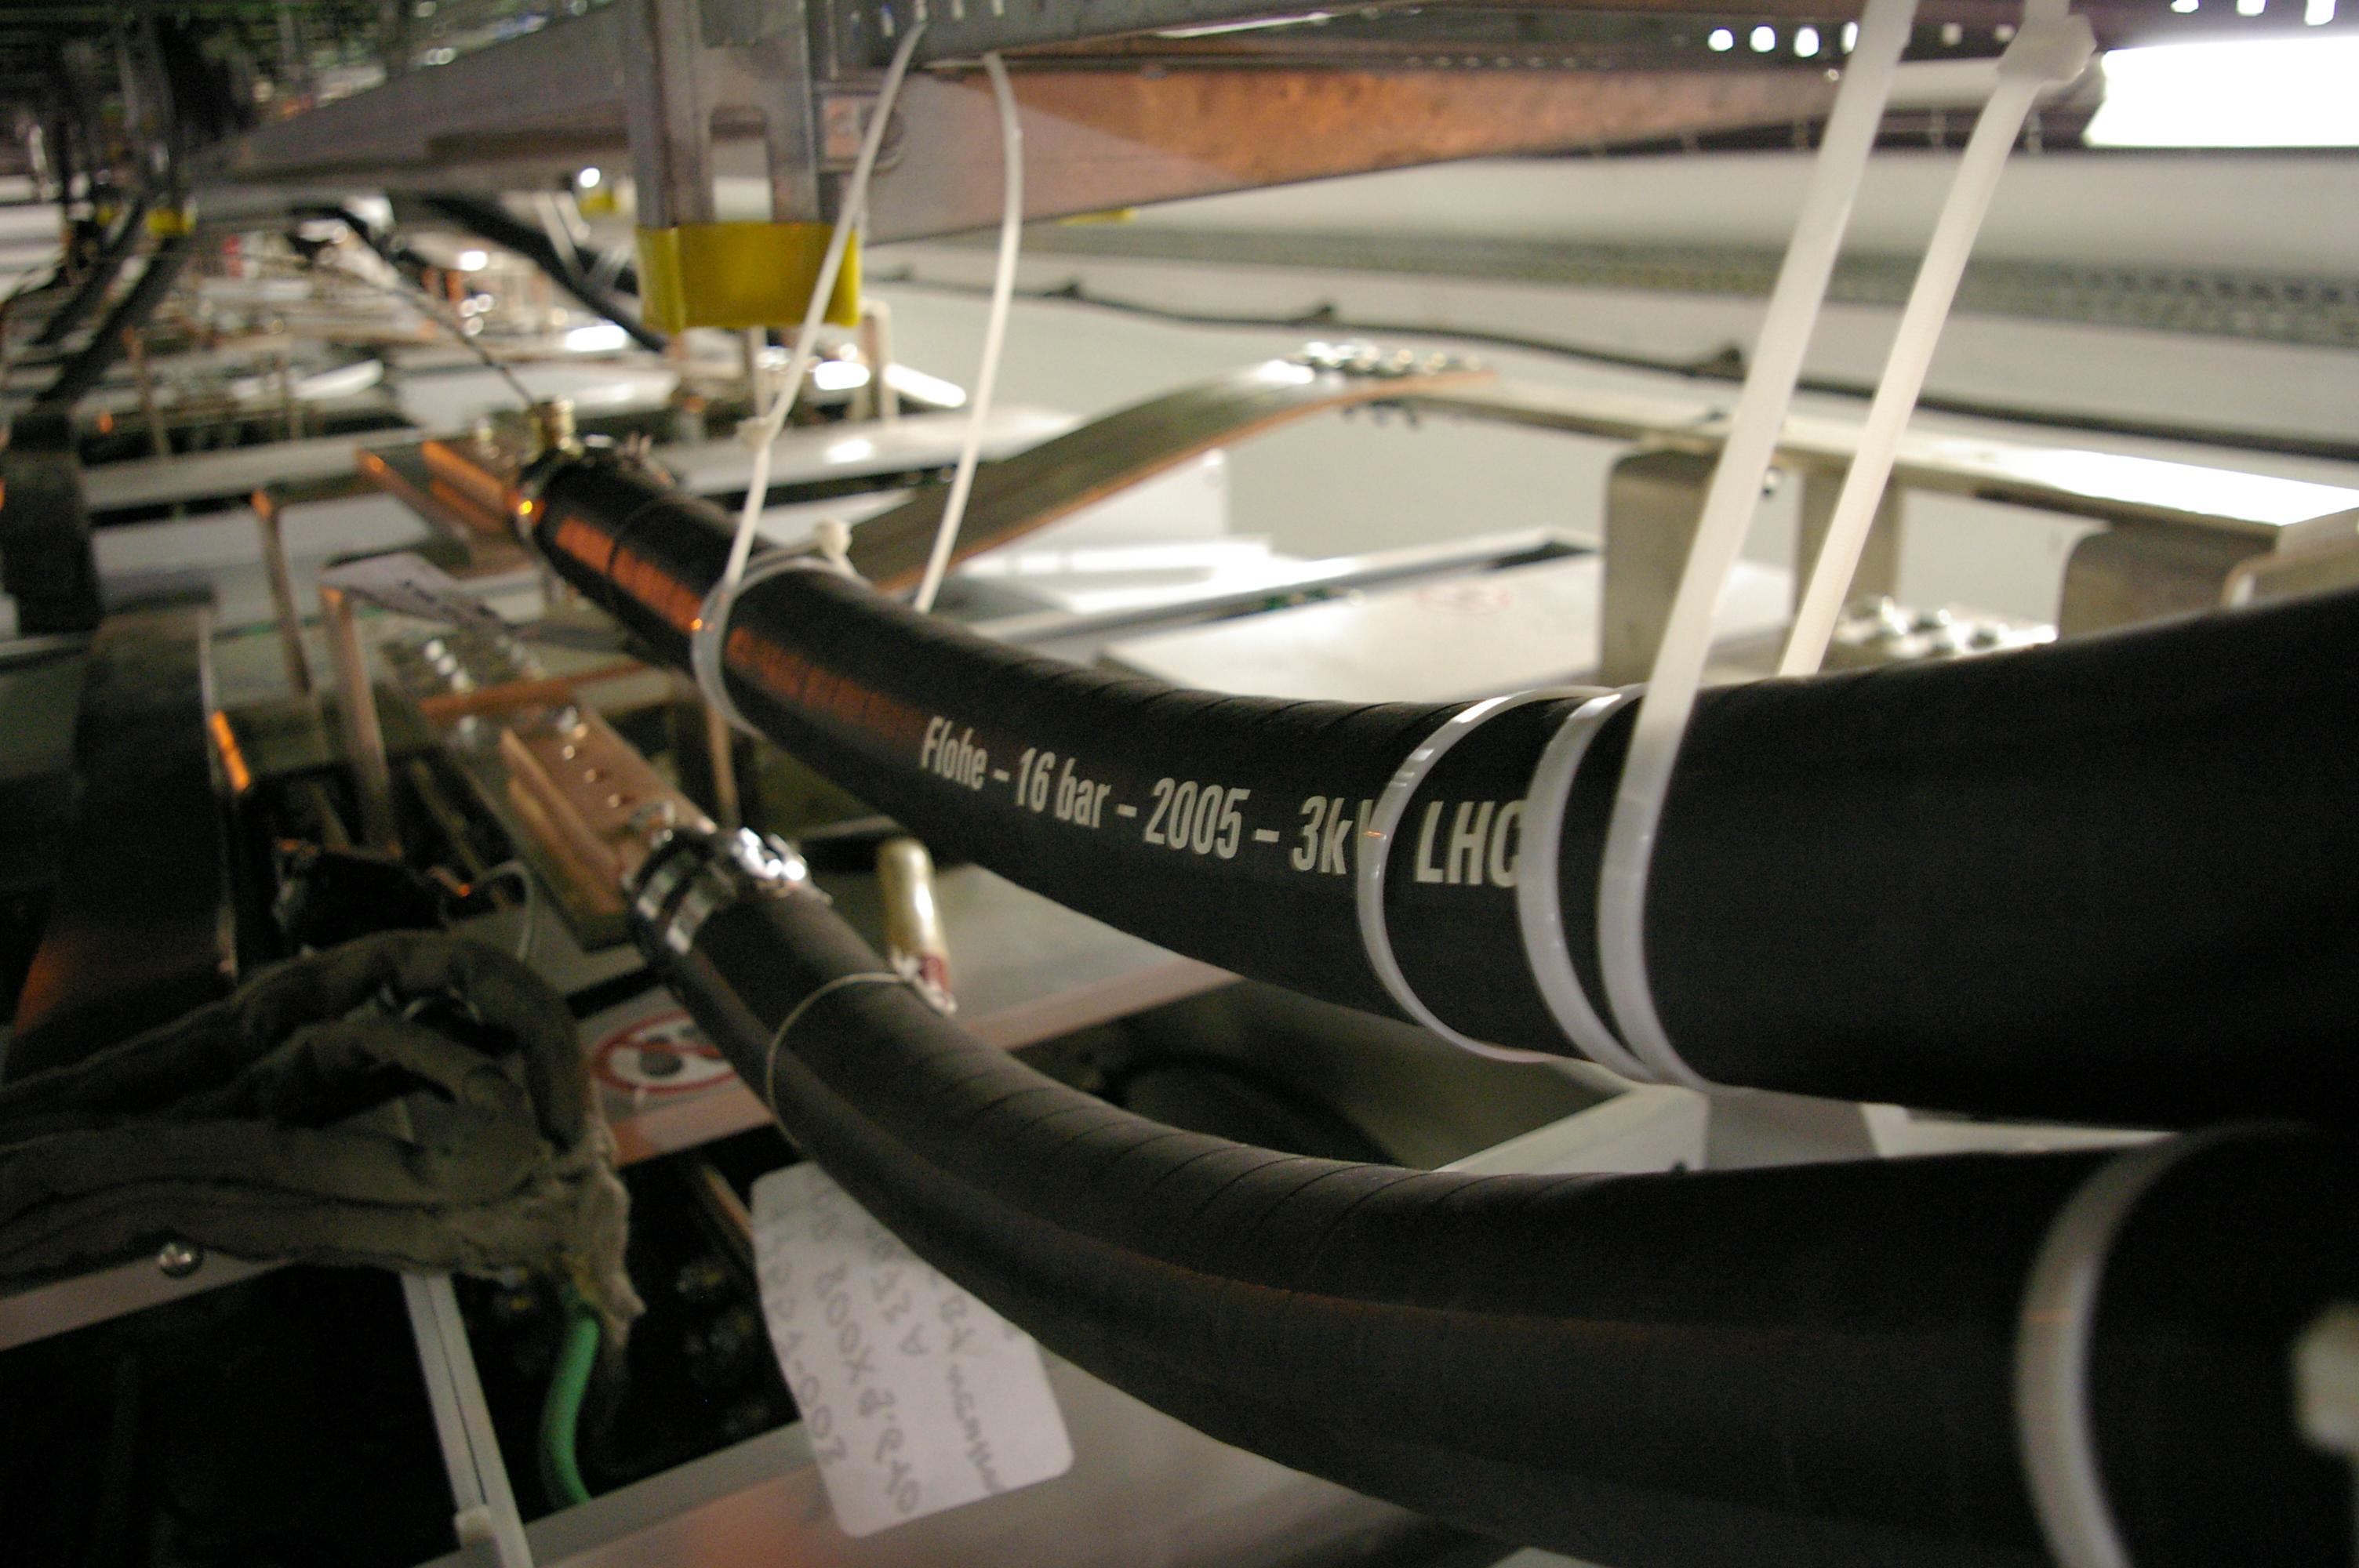 IMGP8938.JPG